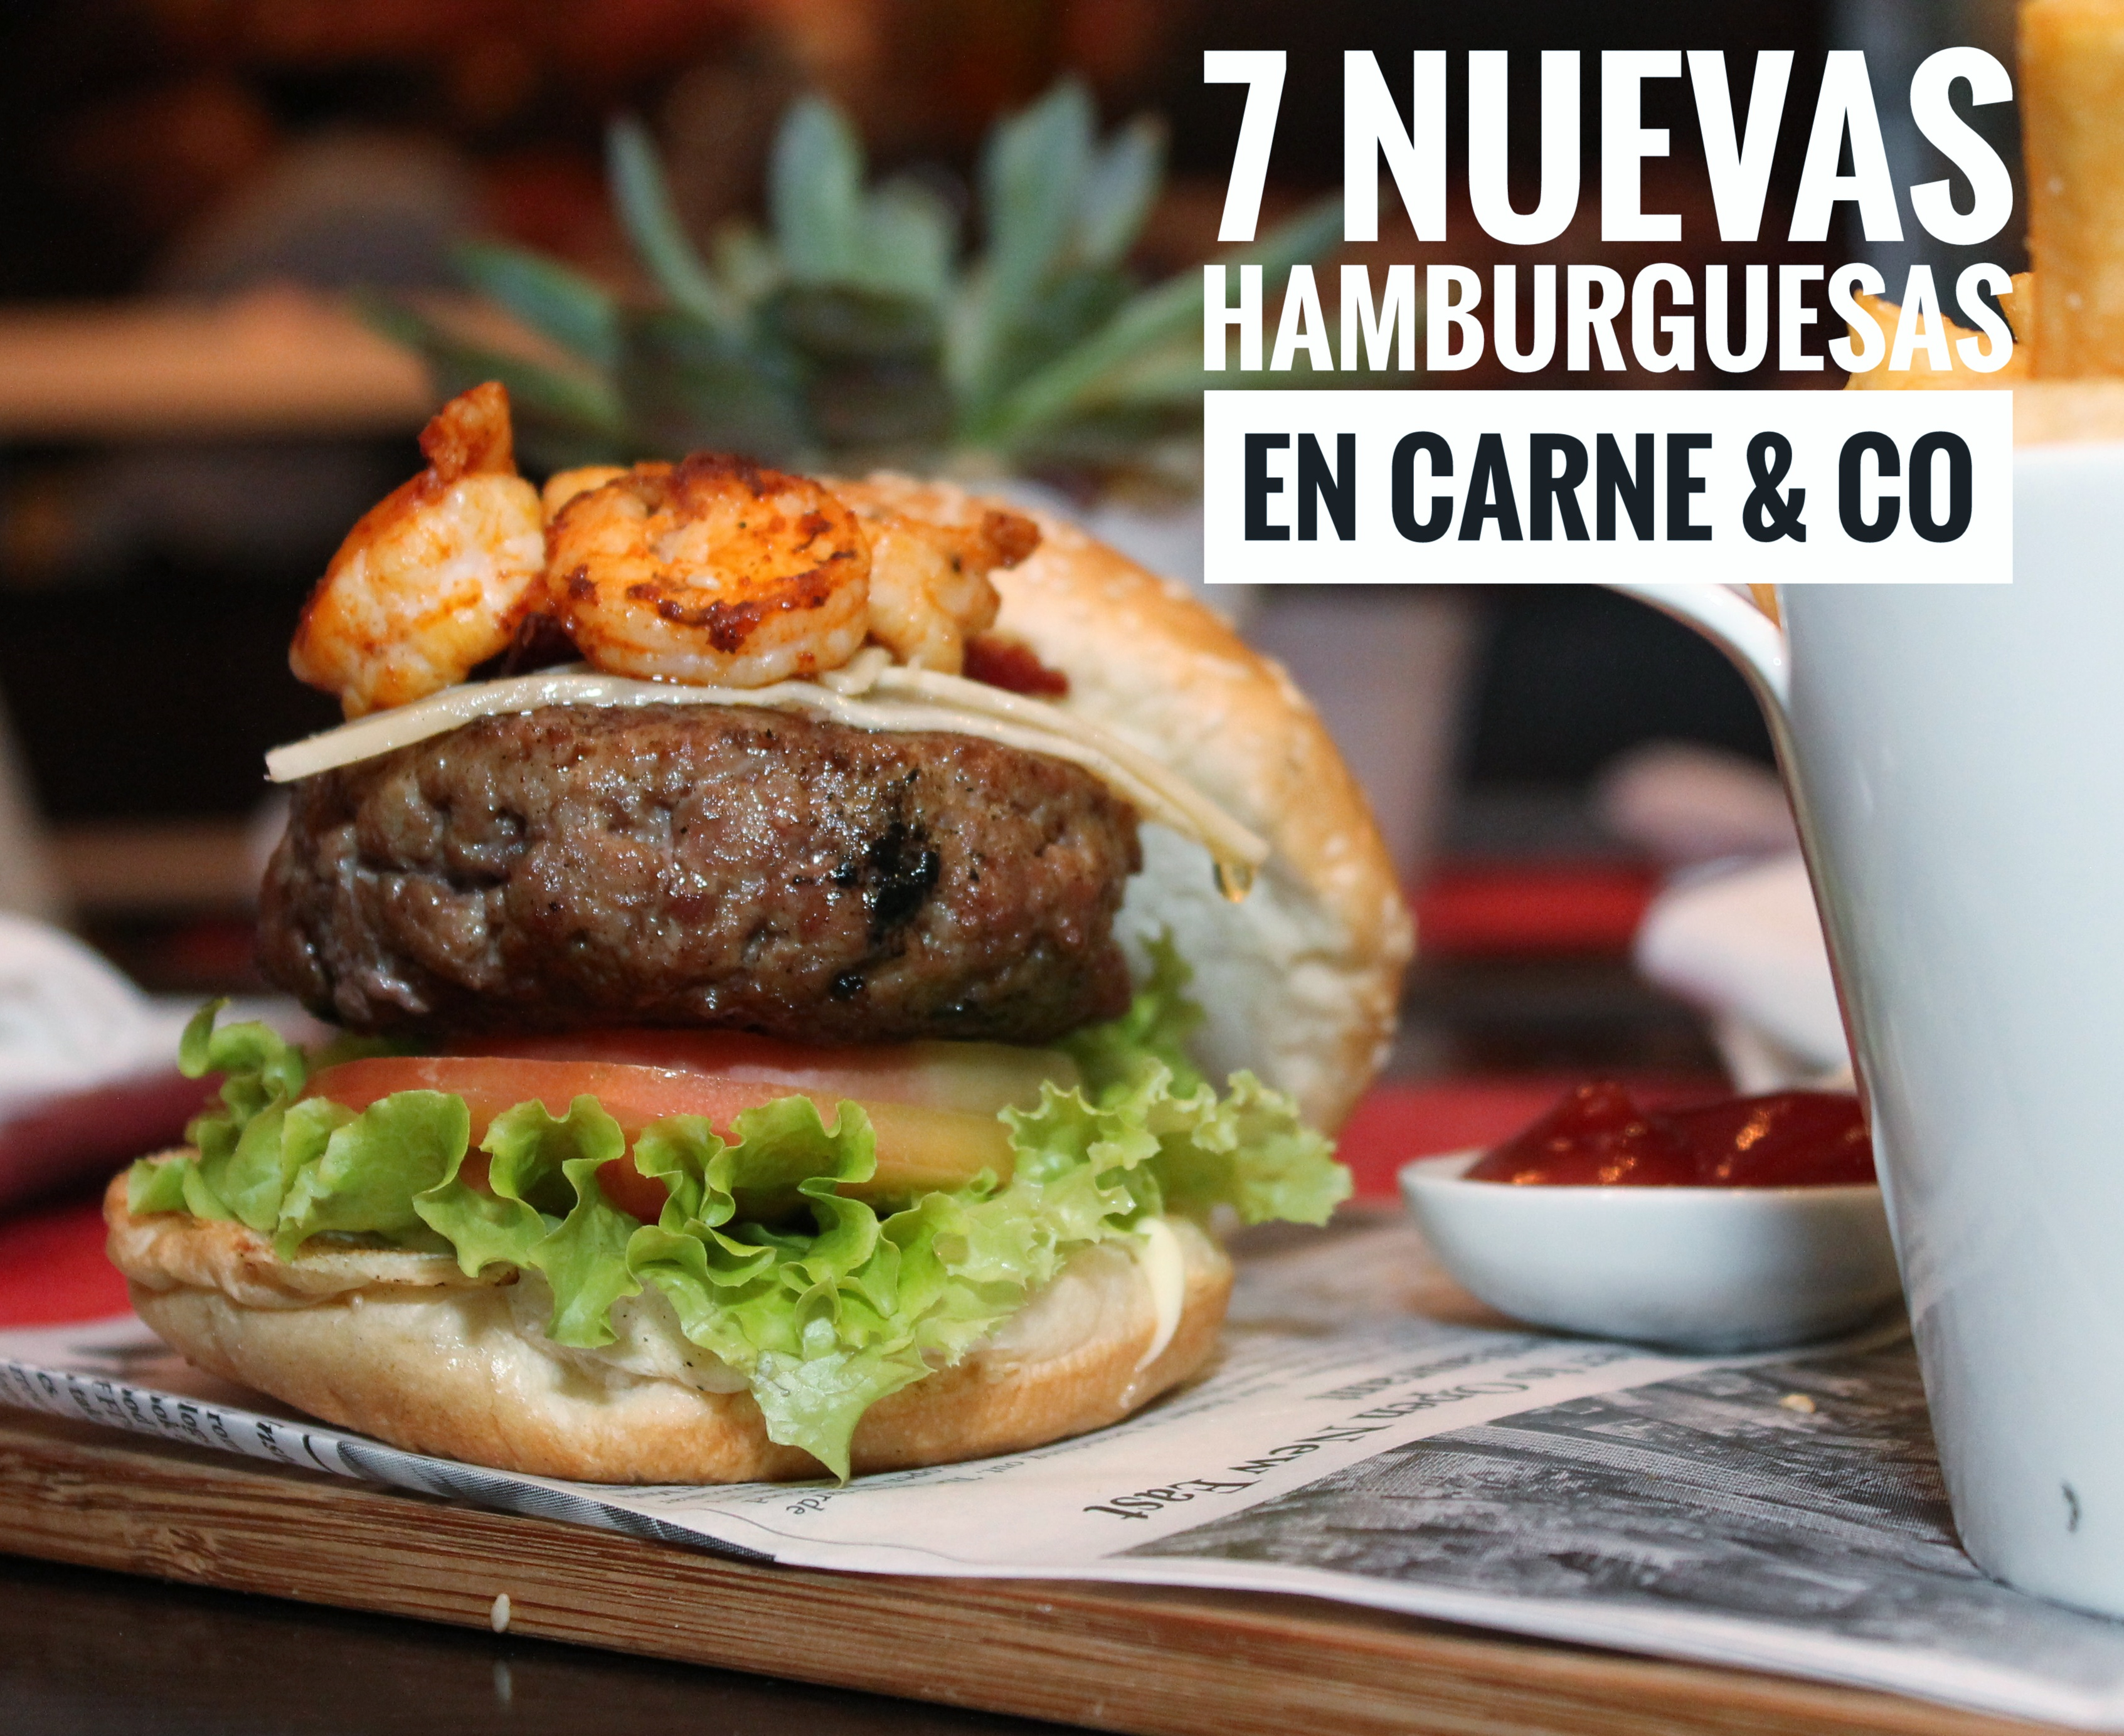 Burger Nights: nueva propuesta hamburguesera de Carne & Co